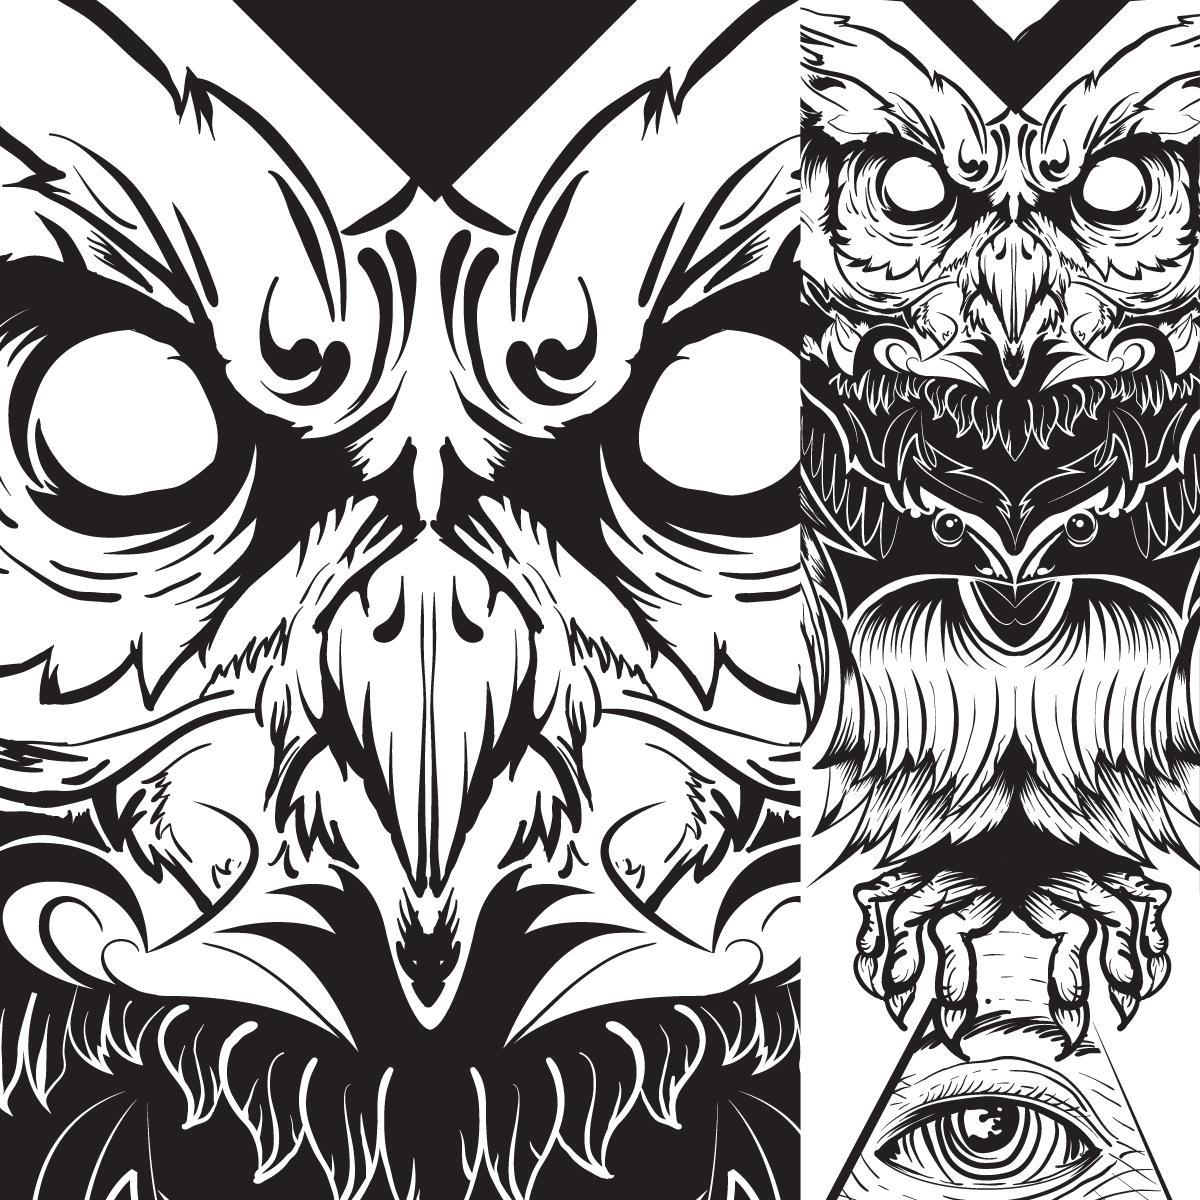 BW-Illustrations1